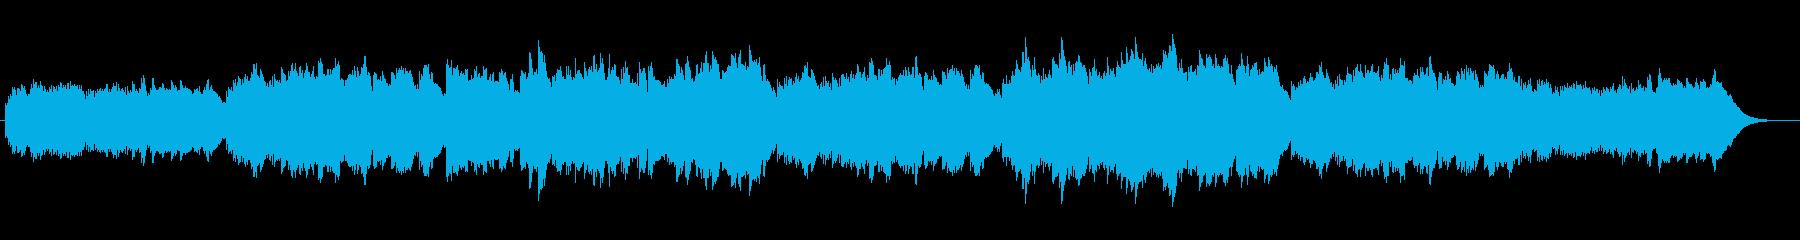 メロディアスで切ないオルゴール風バラードの再生済みの波形